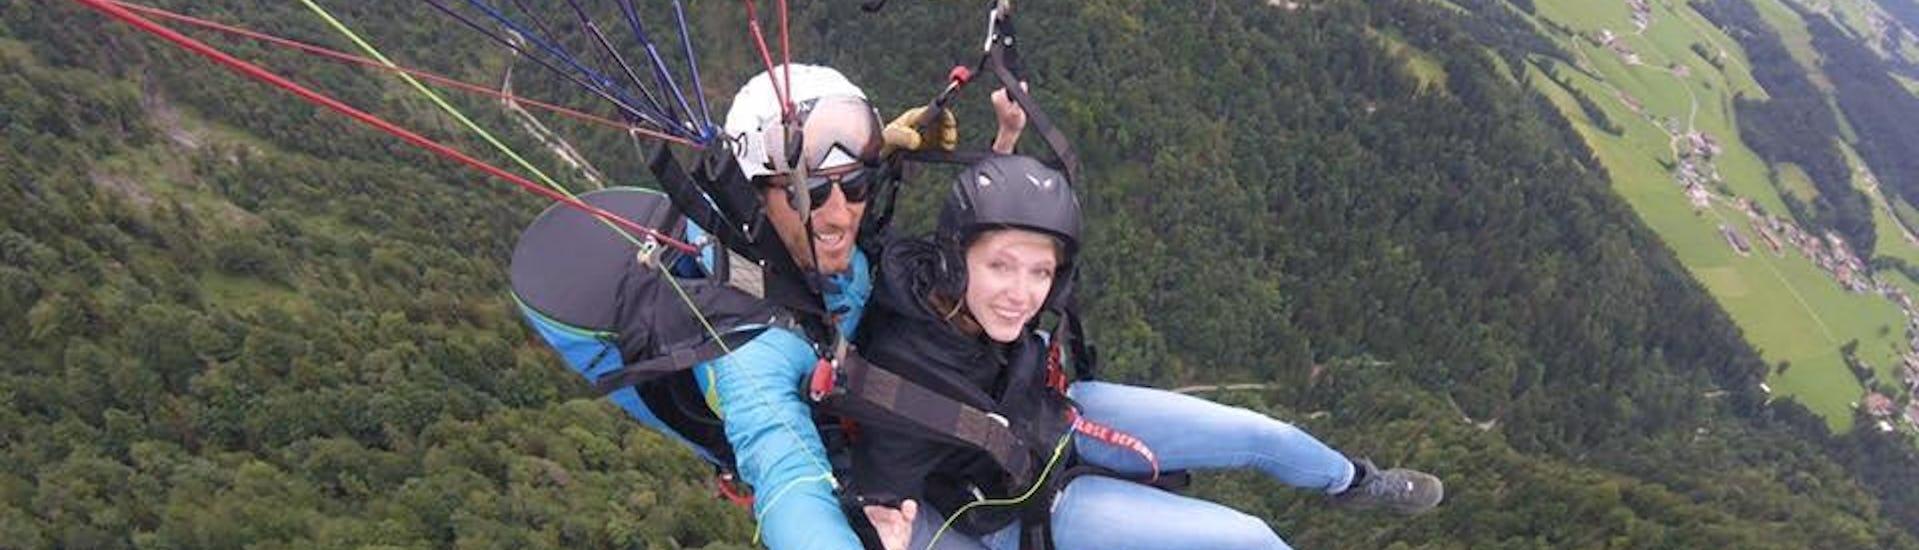 Tandem Paragliding in Kössen - Höhenflug